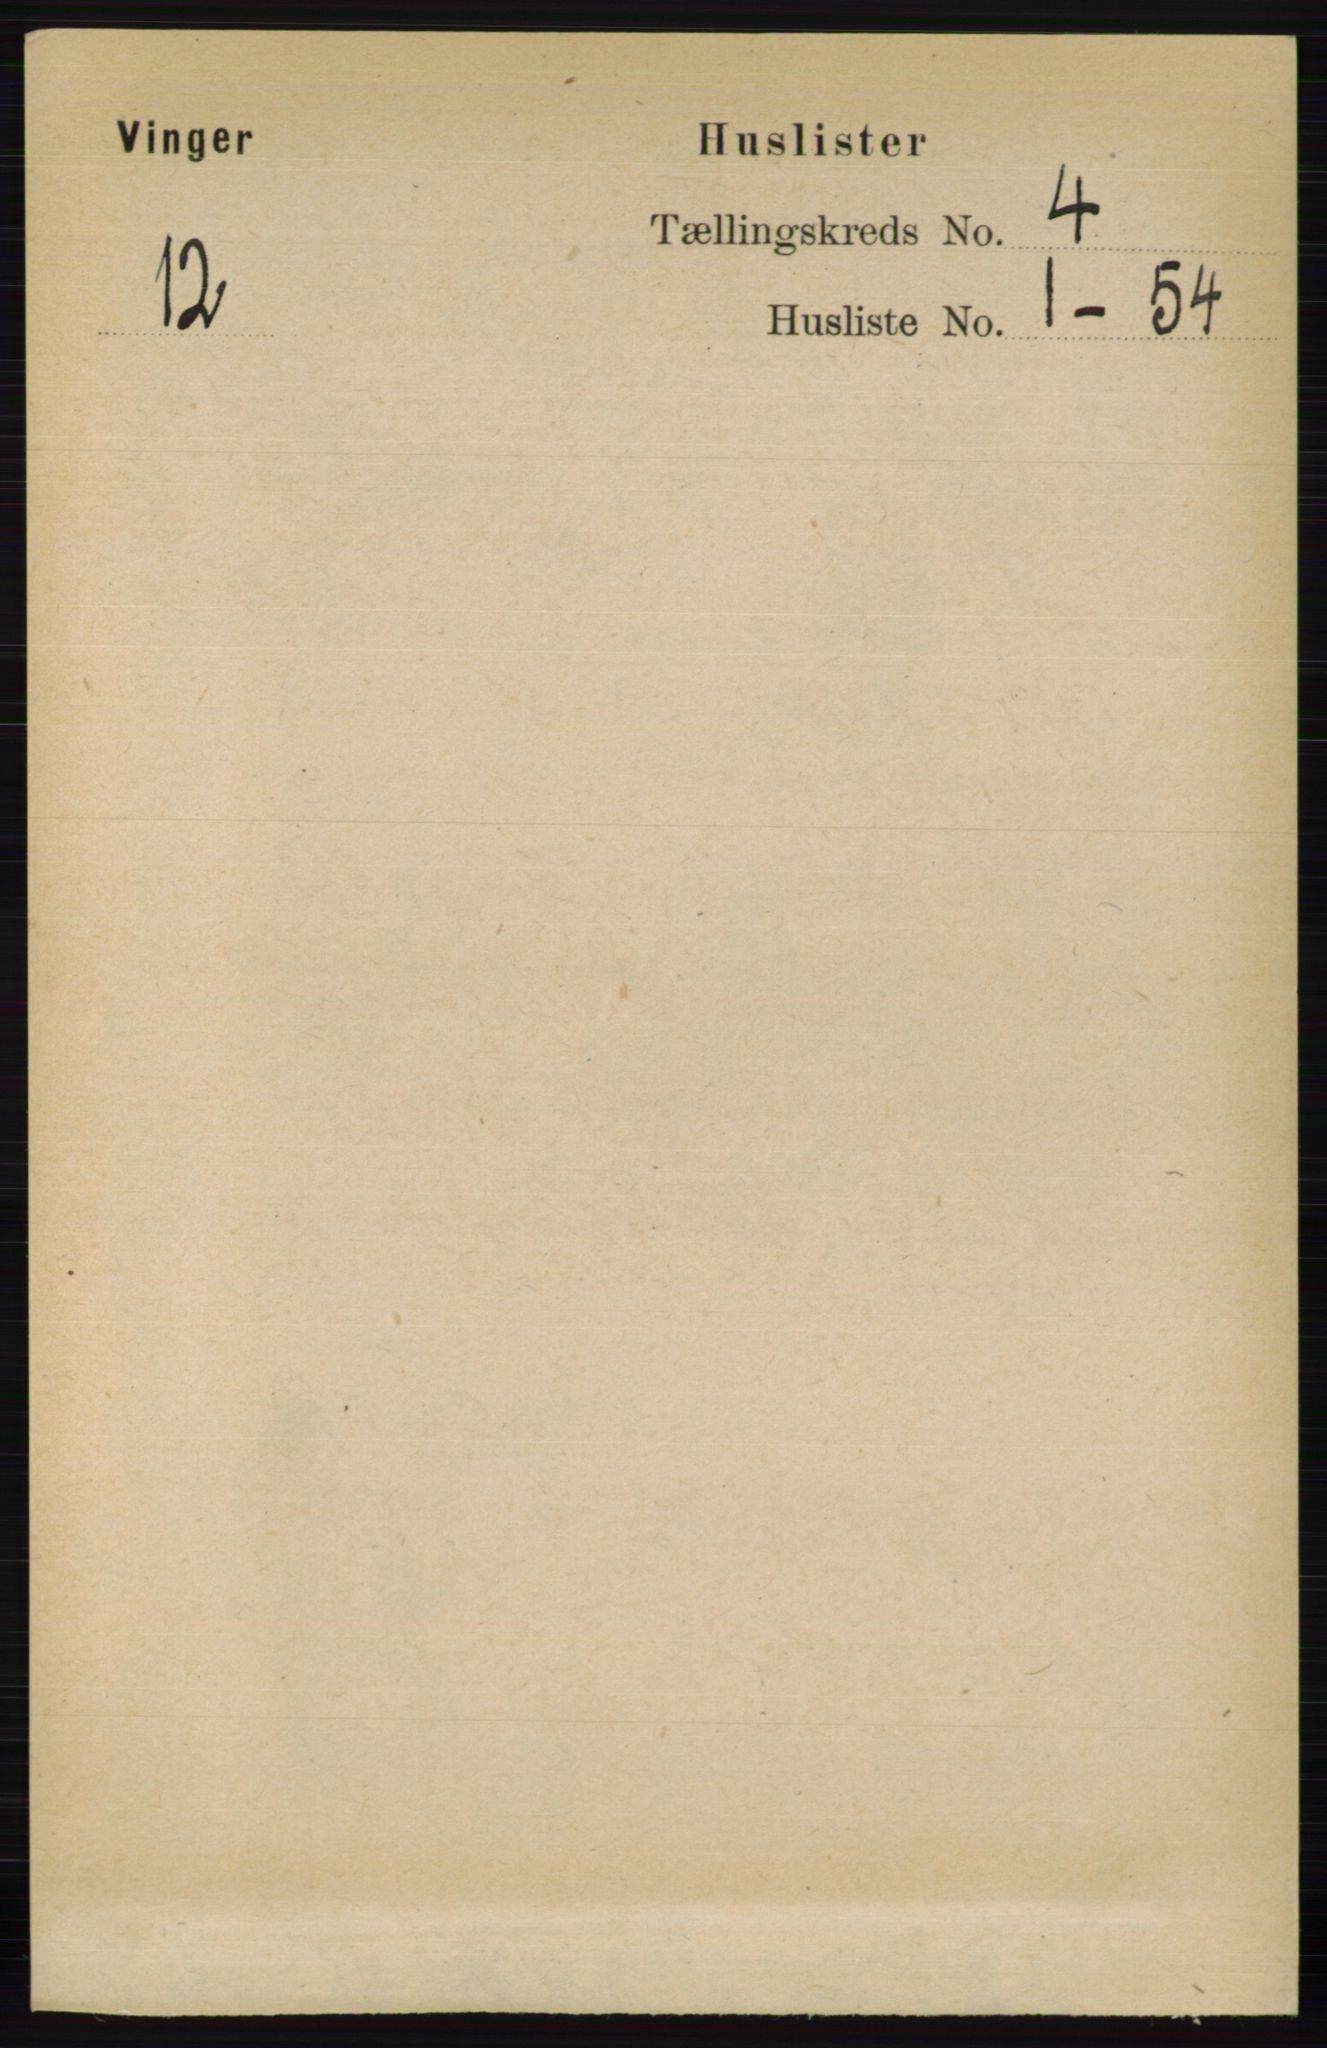 RA, Folketelling 1891 for 0421 Vinger herred, 1891, s. 1581